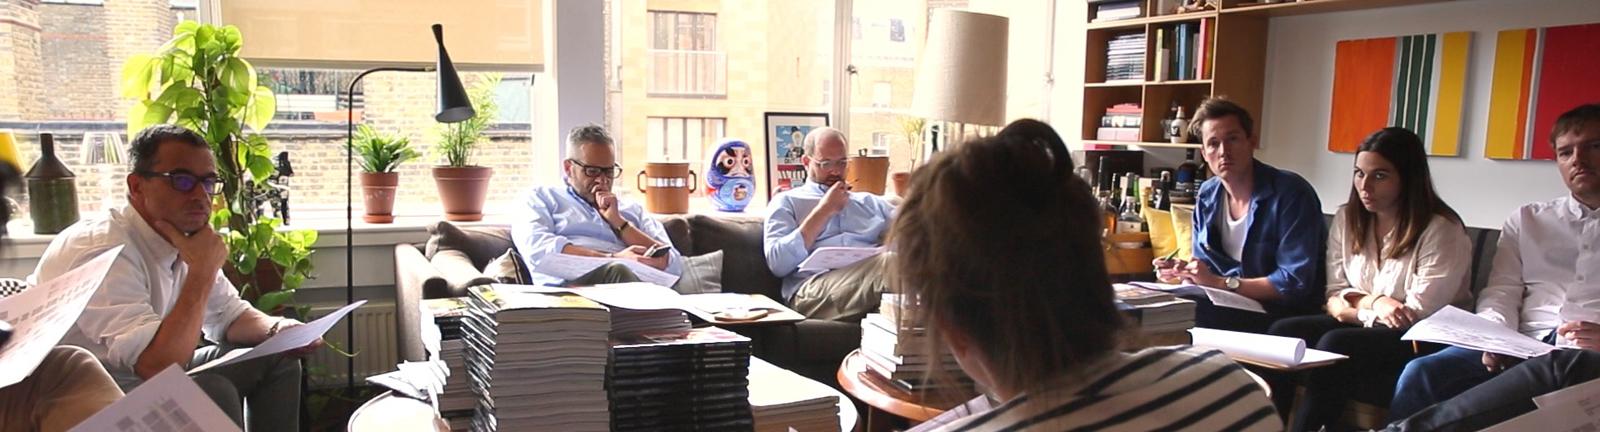 Die Monocle-Redaktionssitzung